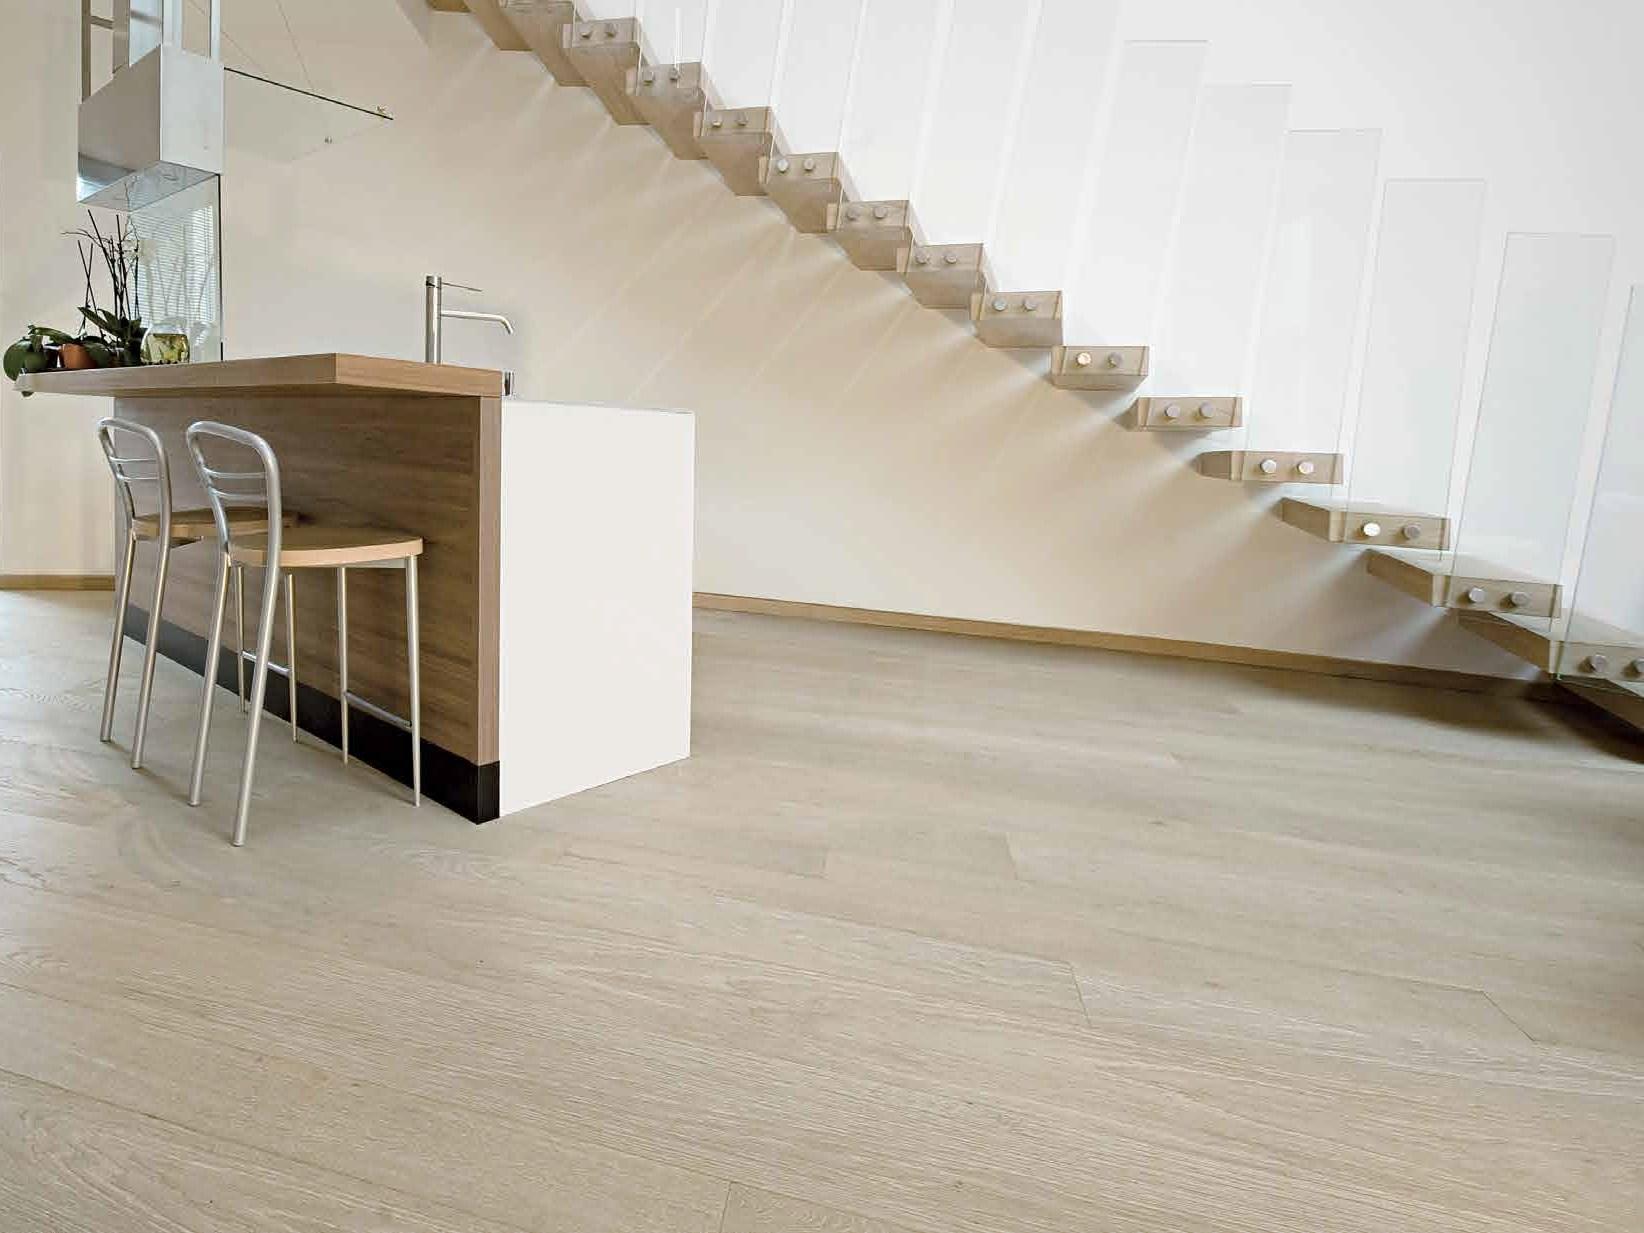 Pavimenti In Legno Rovere : Pavimenti in legno parquet garbellotto maffeisistemi vendita online